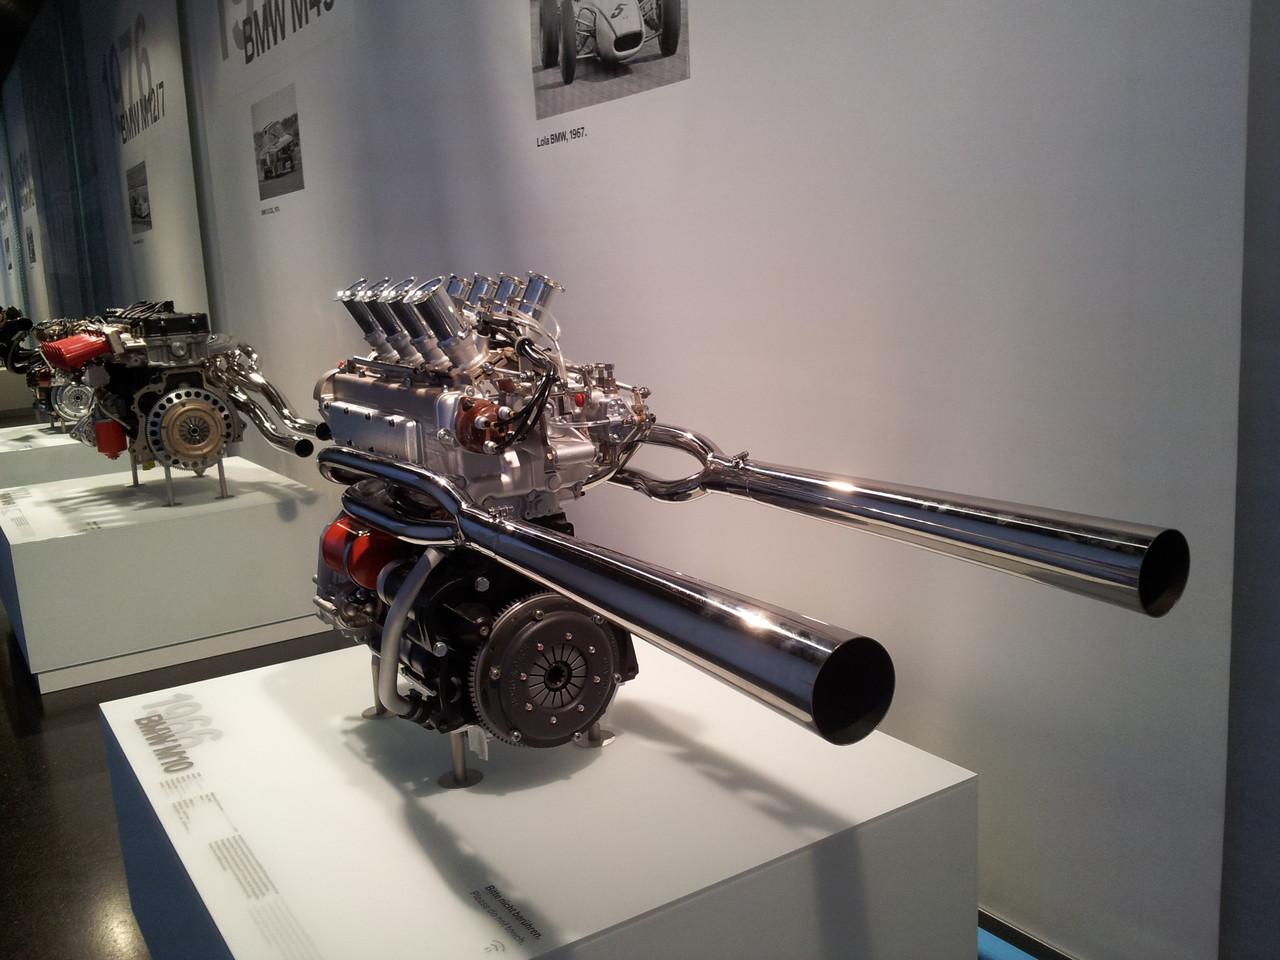 Un gros pistolet ou un drôle de moteur ?